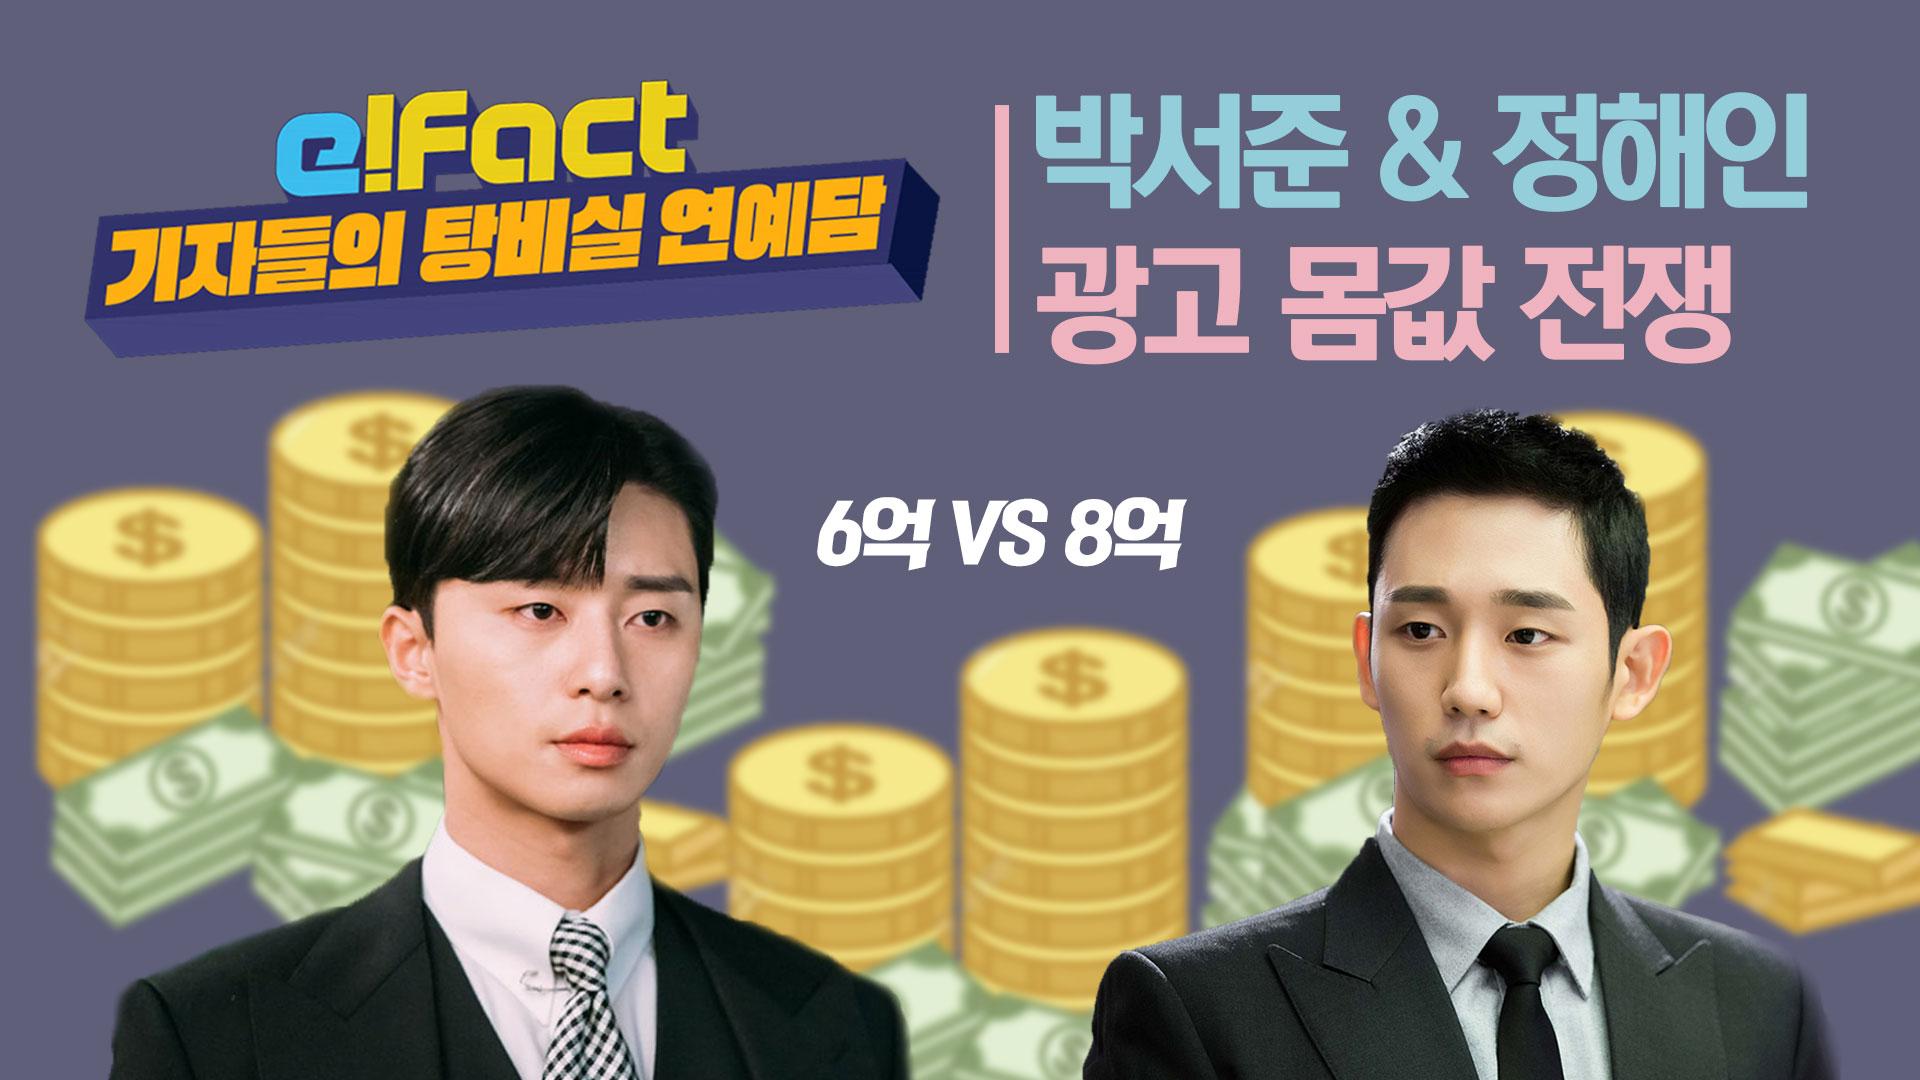 [e!Fact_연예부 썰전] 6억 VS 8억! 박서준 & 정해인의 광고 몸값 전쟁